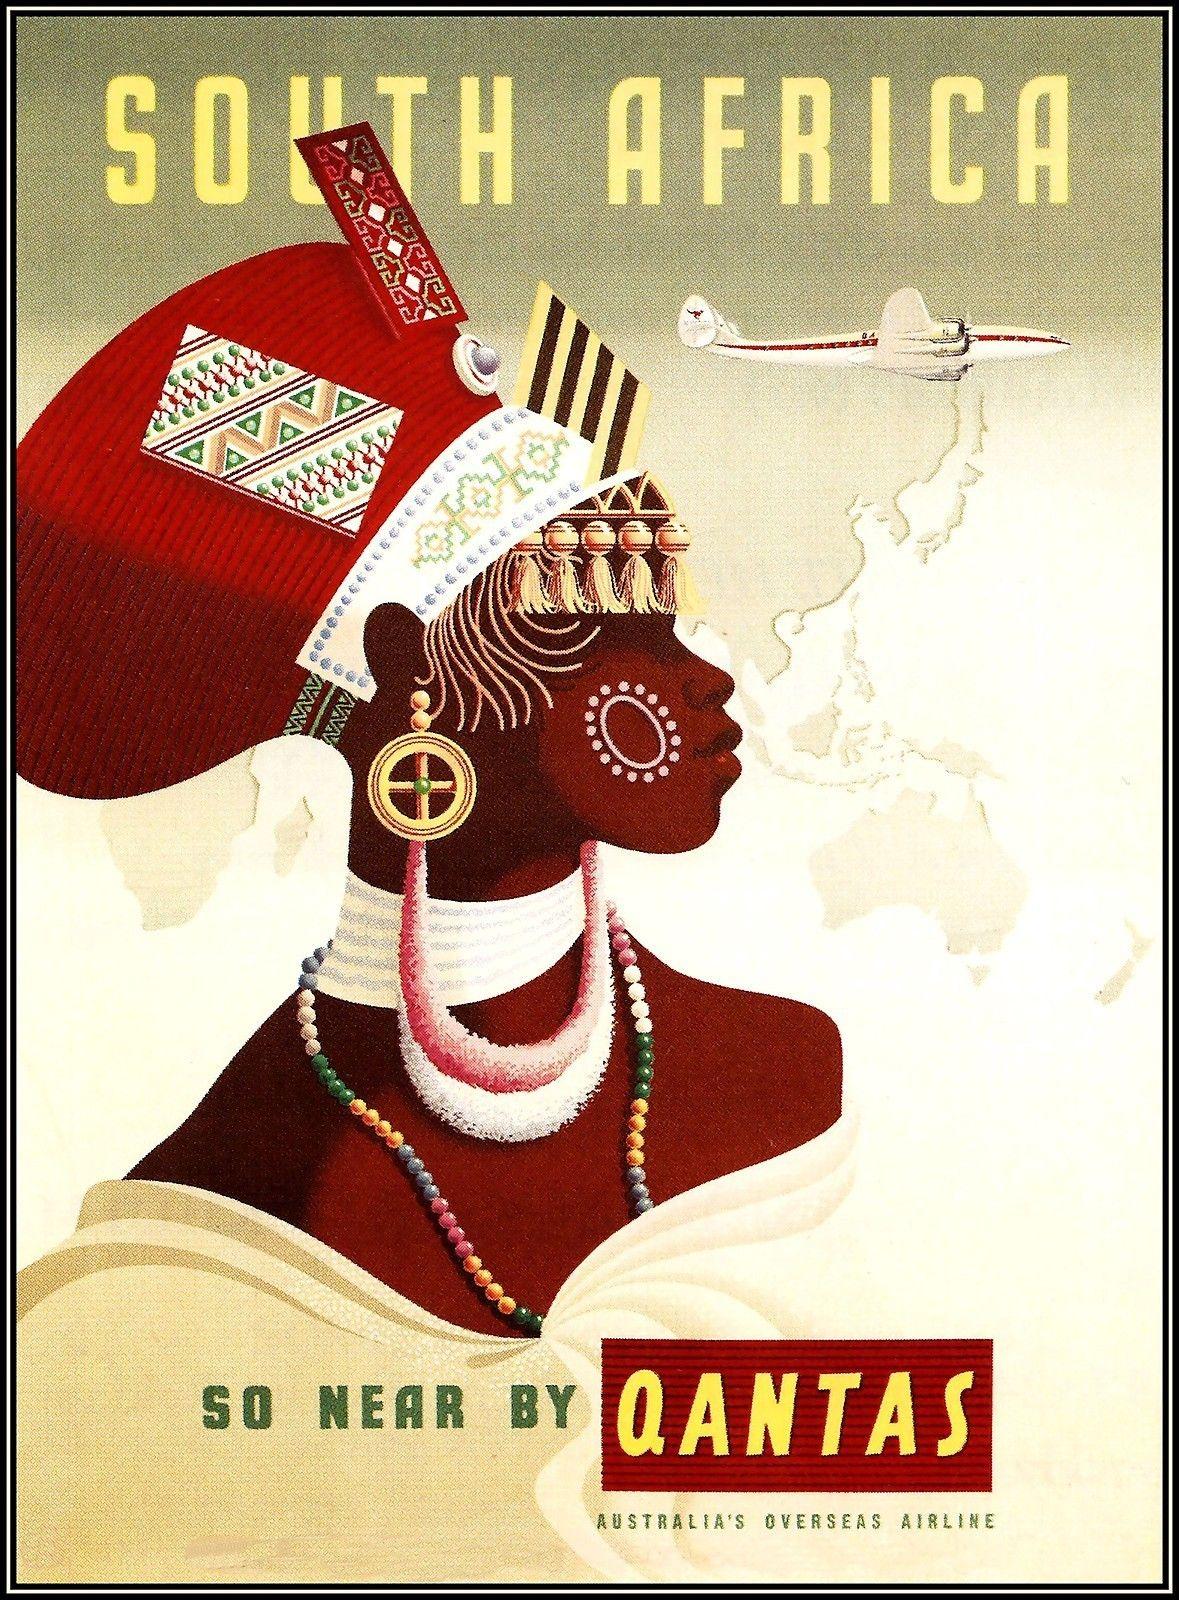 vintage travel posters south africa vintage pinterest afrique voyage et affiches de voyage. Black Bedroom Furniture Sets. Home Design Ideas